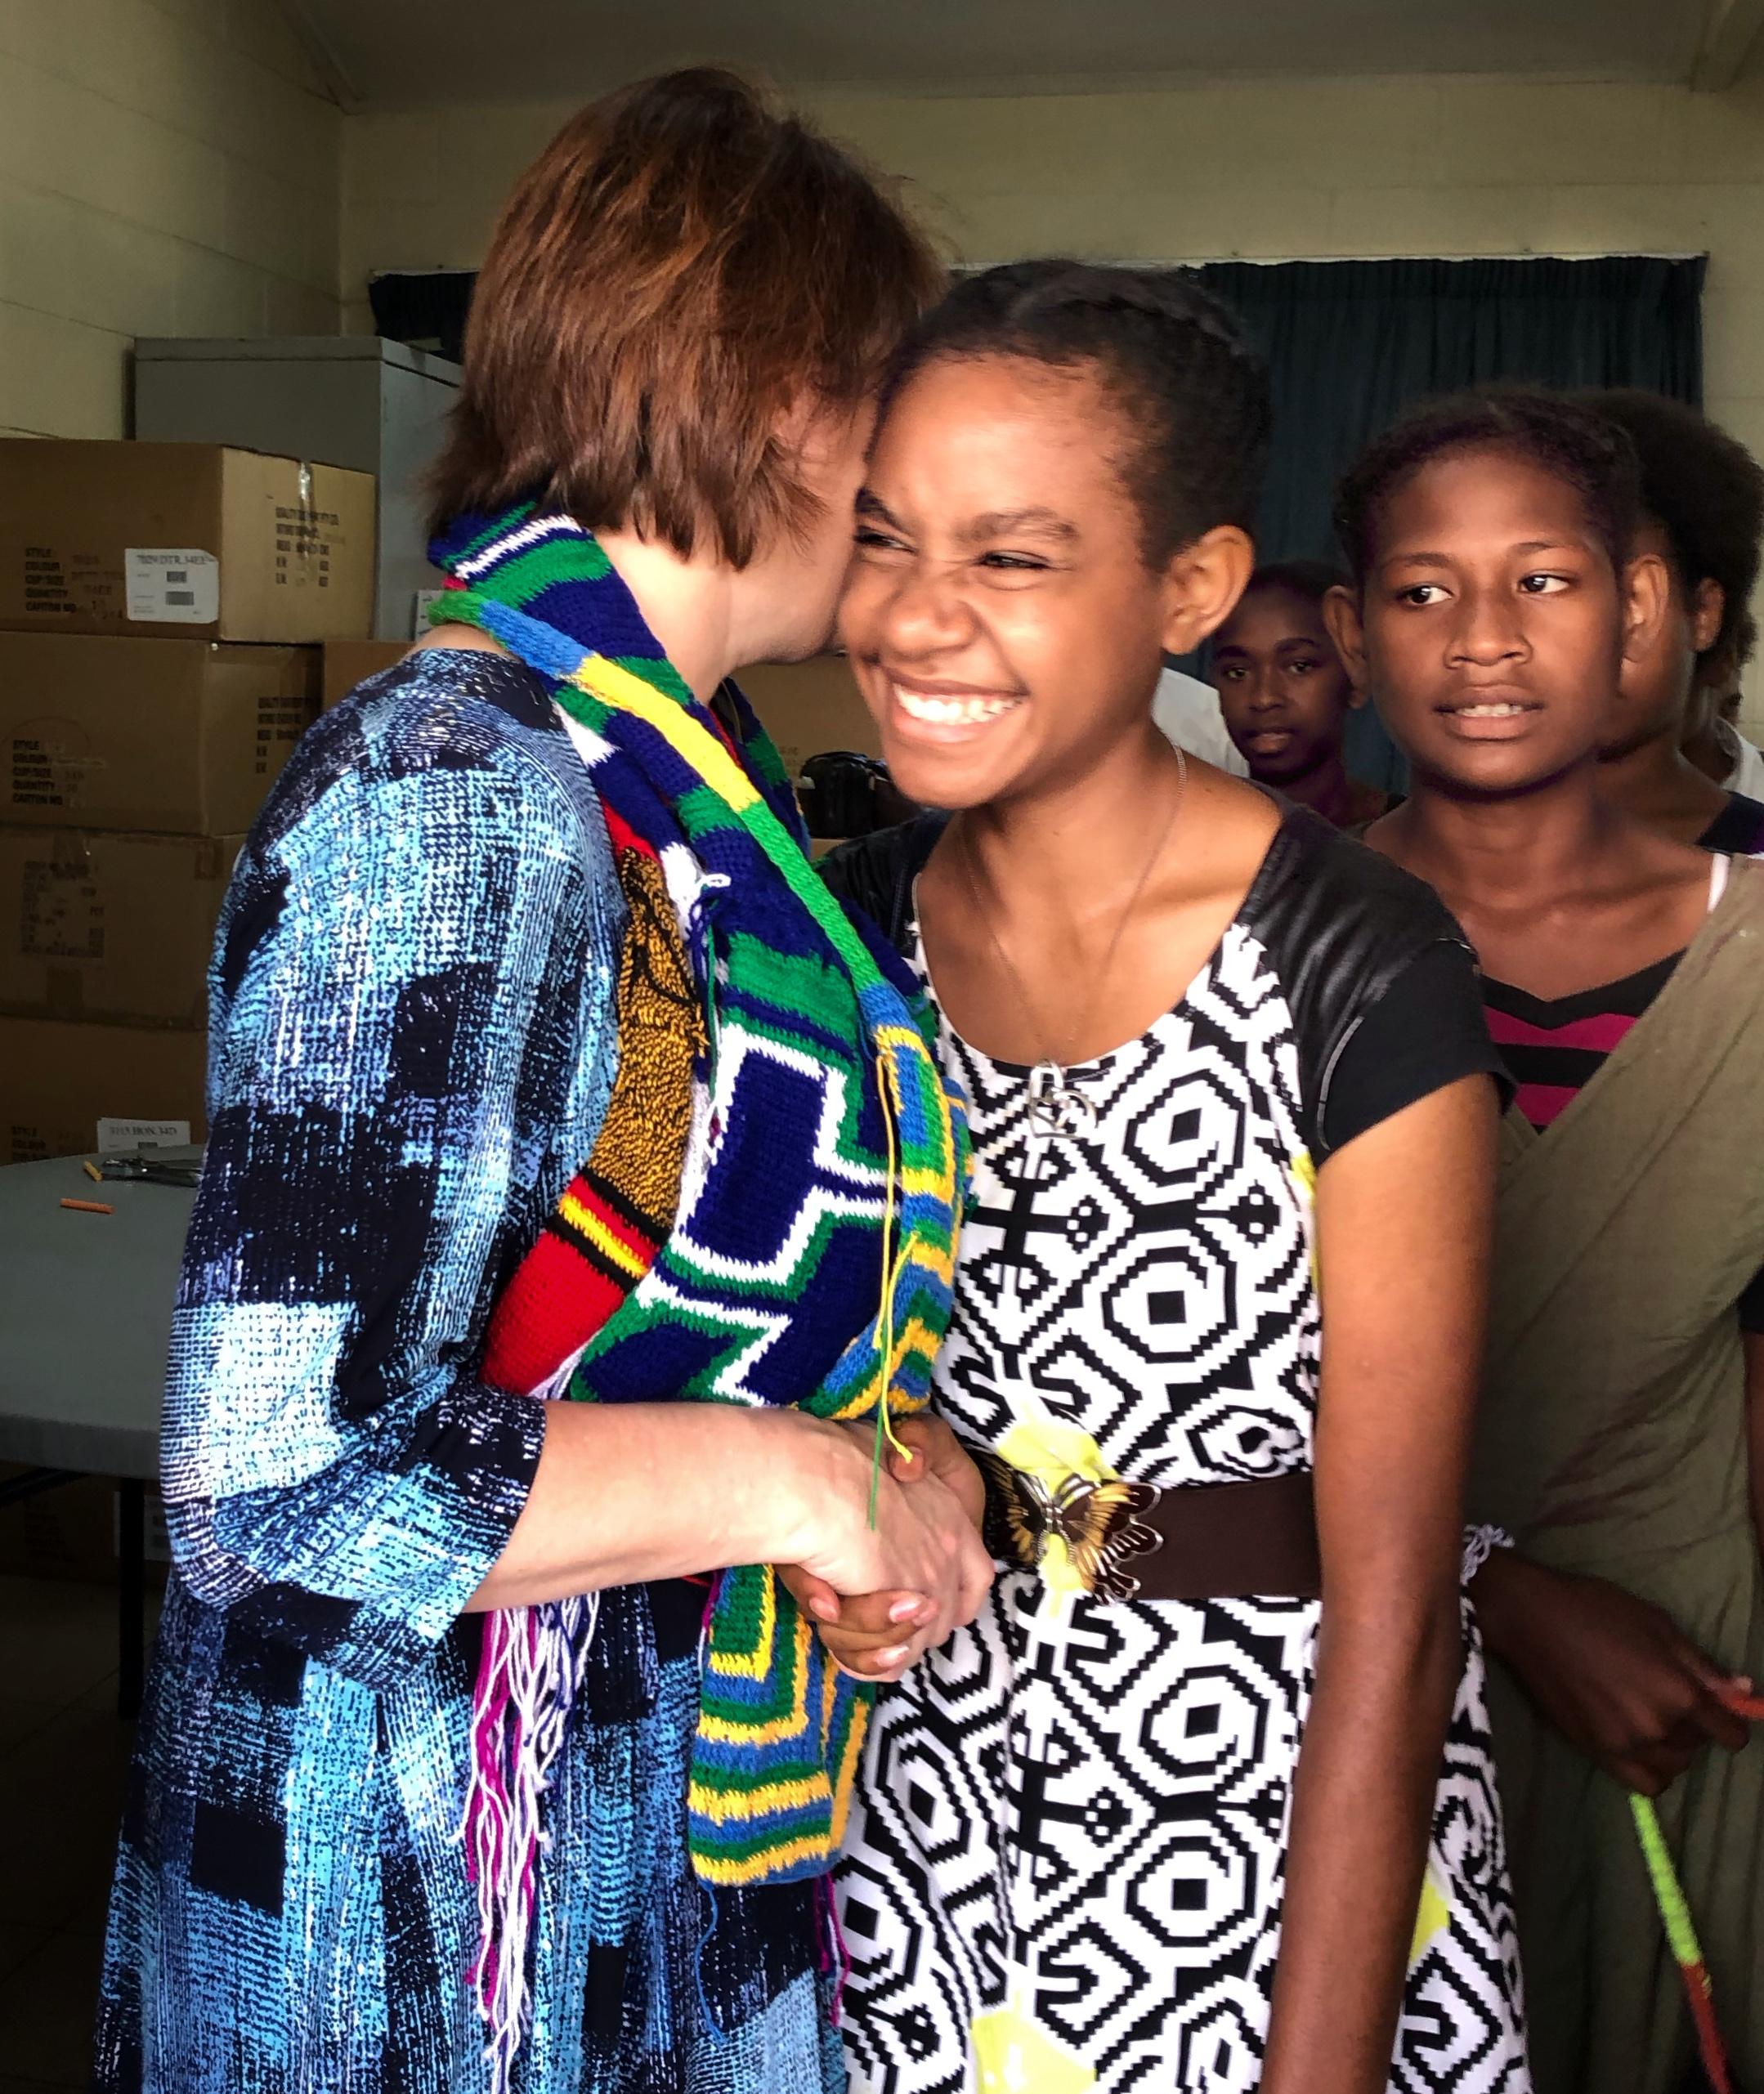 La hermana Sharon Eubank saluda a miembros de la Estaca Puerto Moresby Papúa Nueva Guinea y de los distritos Gerehu y Rigo de Papúa Nueva Guinea durante una visita al Área Pacífico, en octubre de 2019.